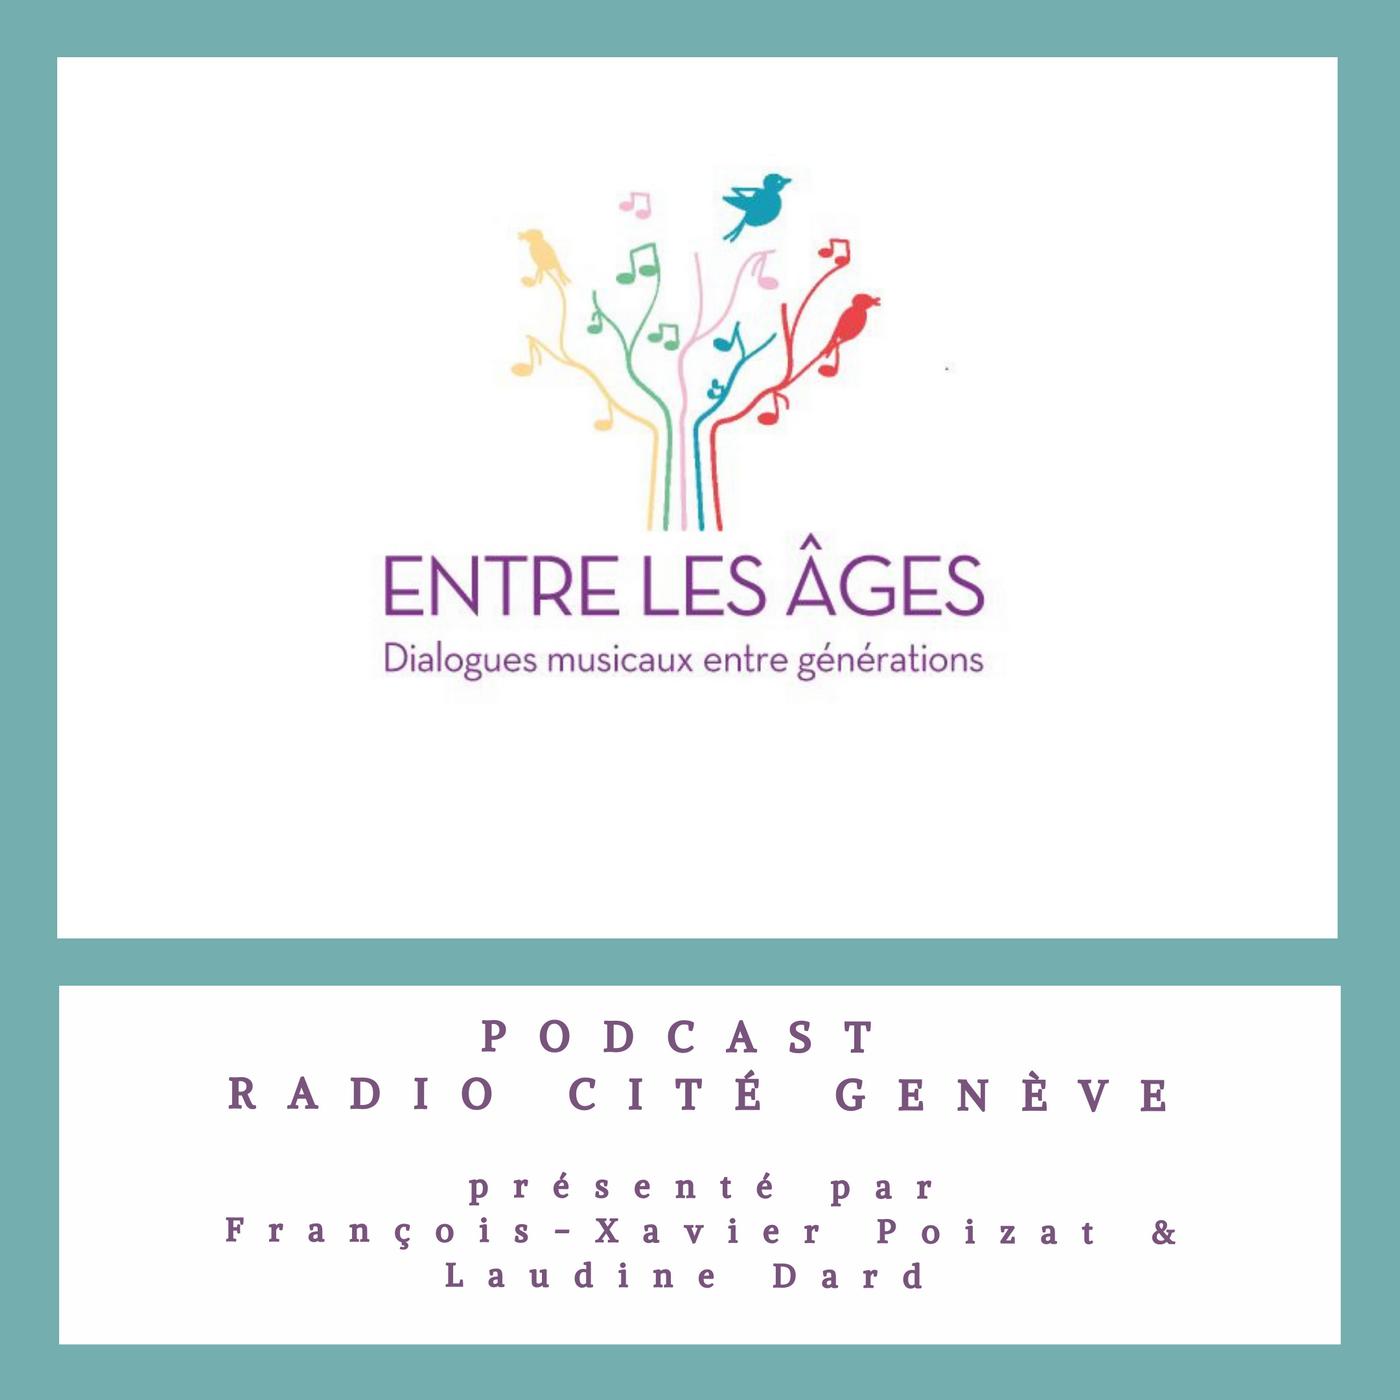 Entre les âges - 14/05/21 - Nadège Rochat